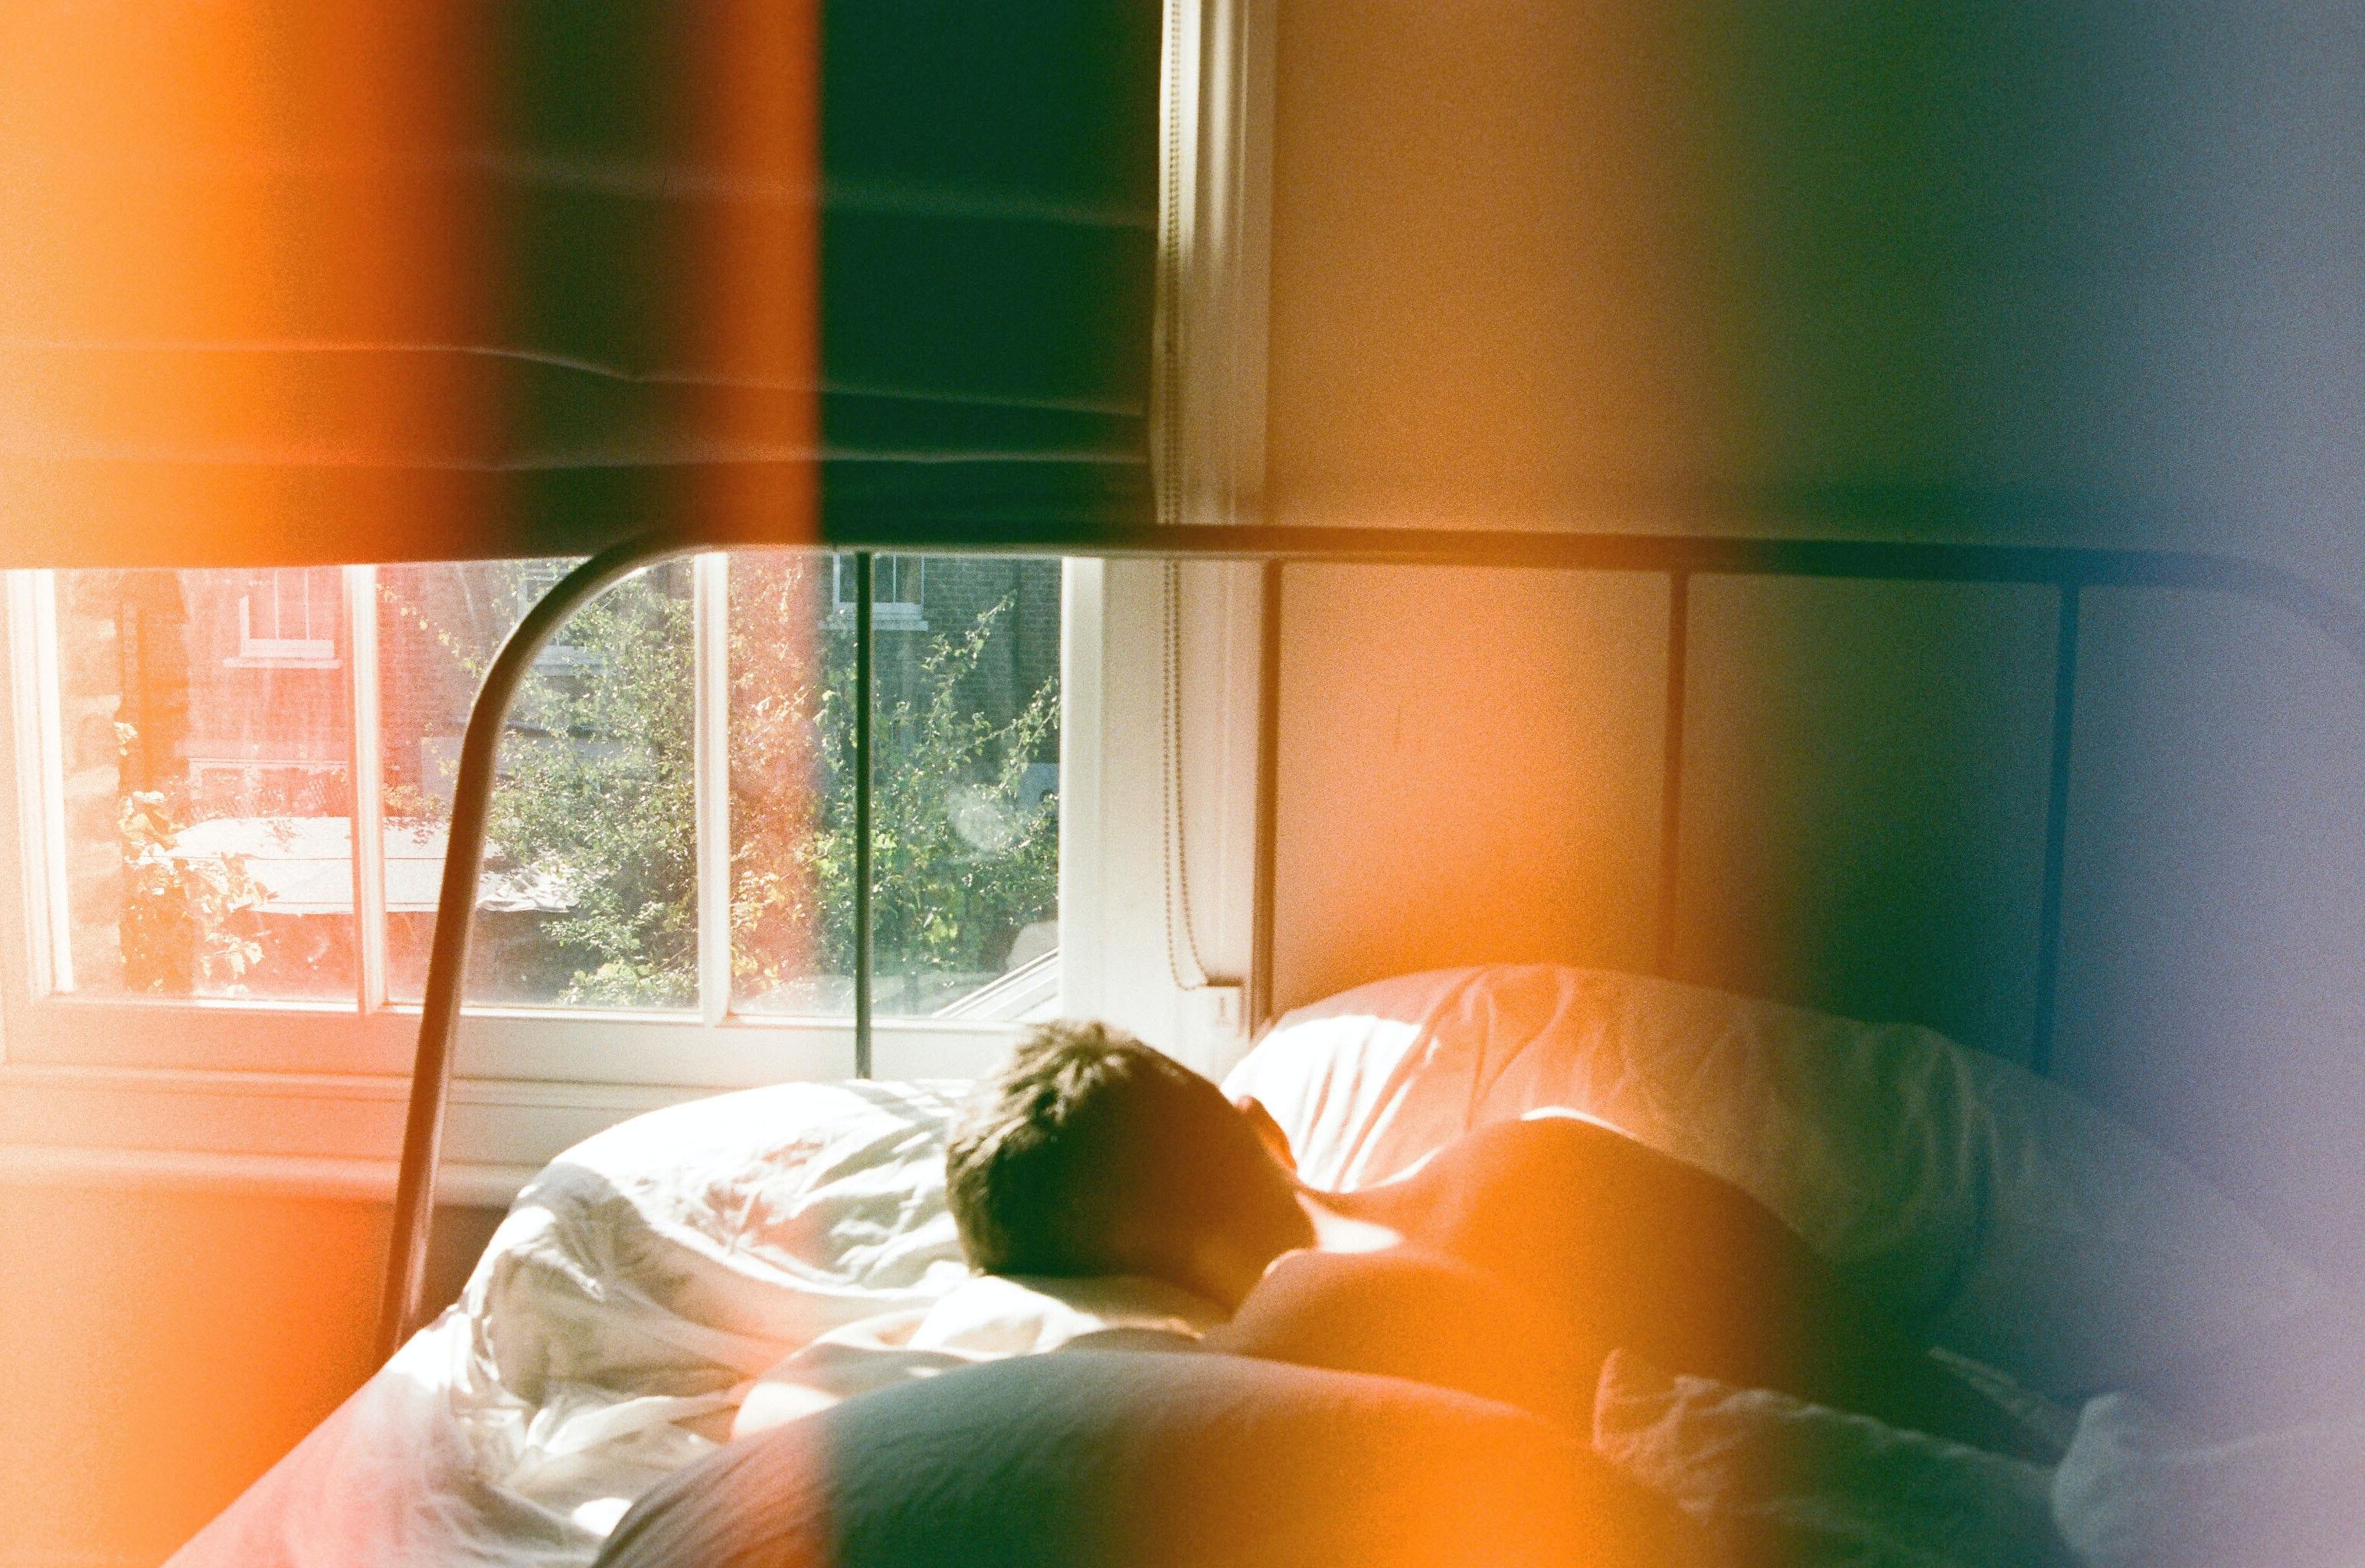 person-lying-in-bed-beside-window-1572728